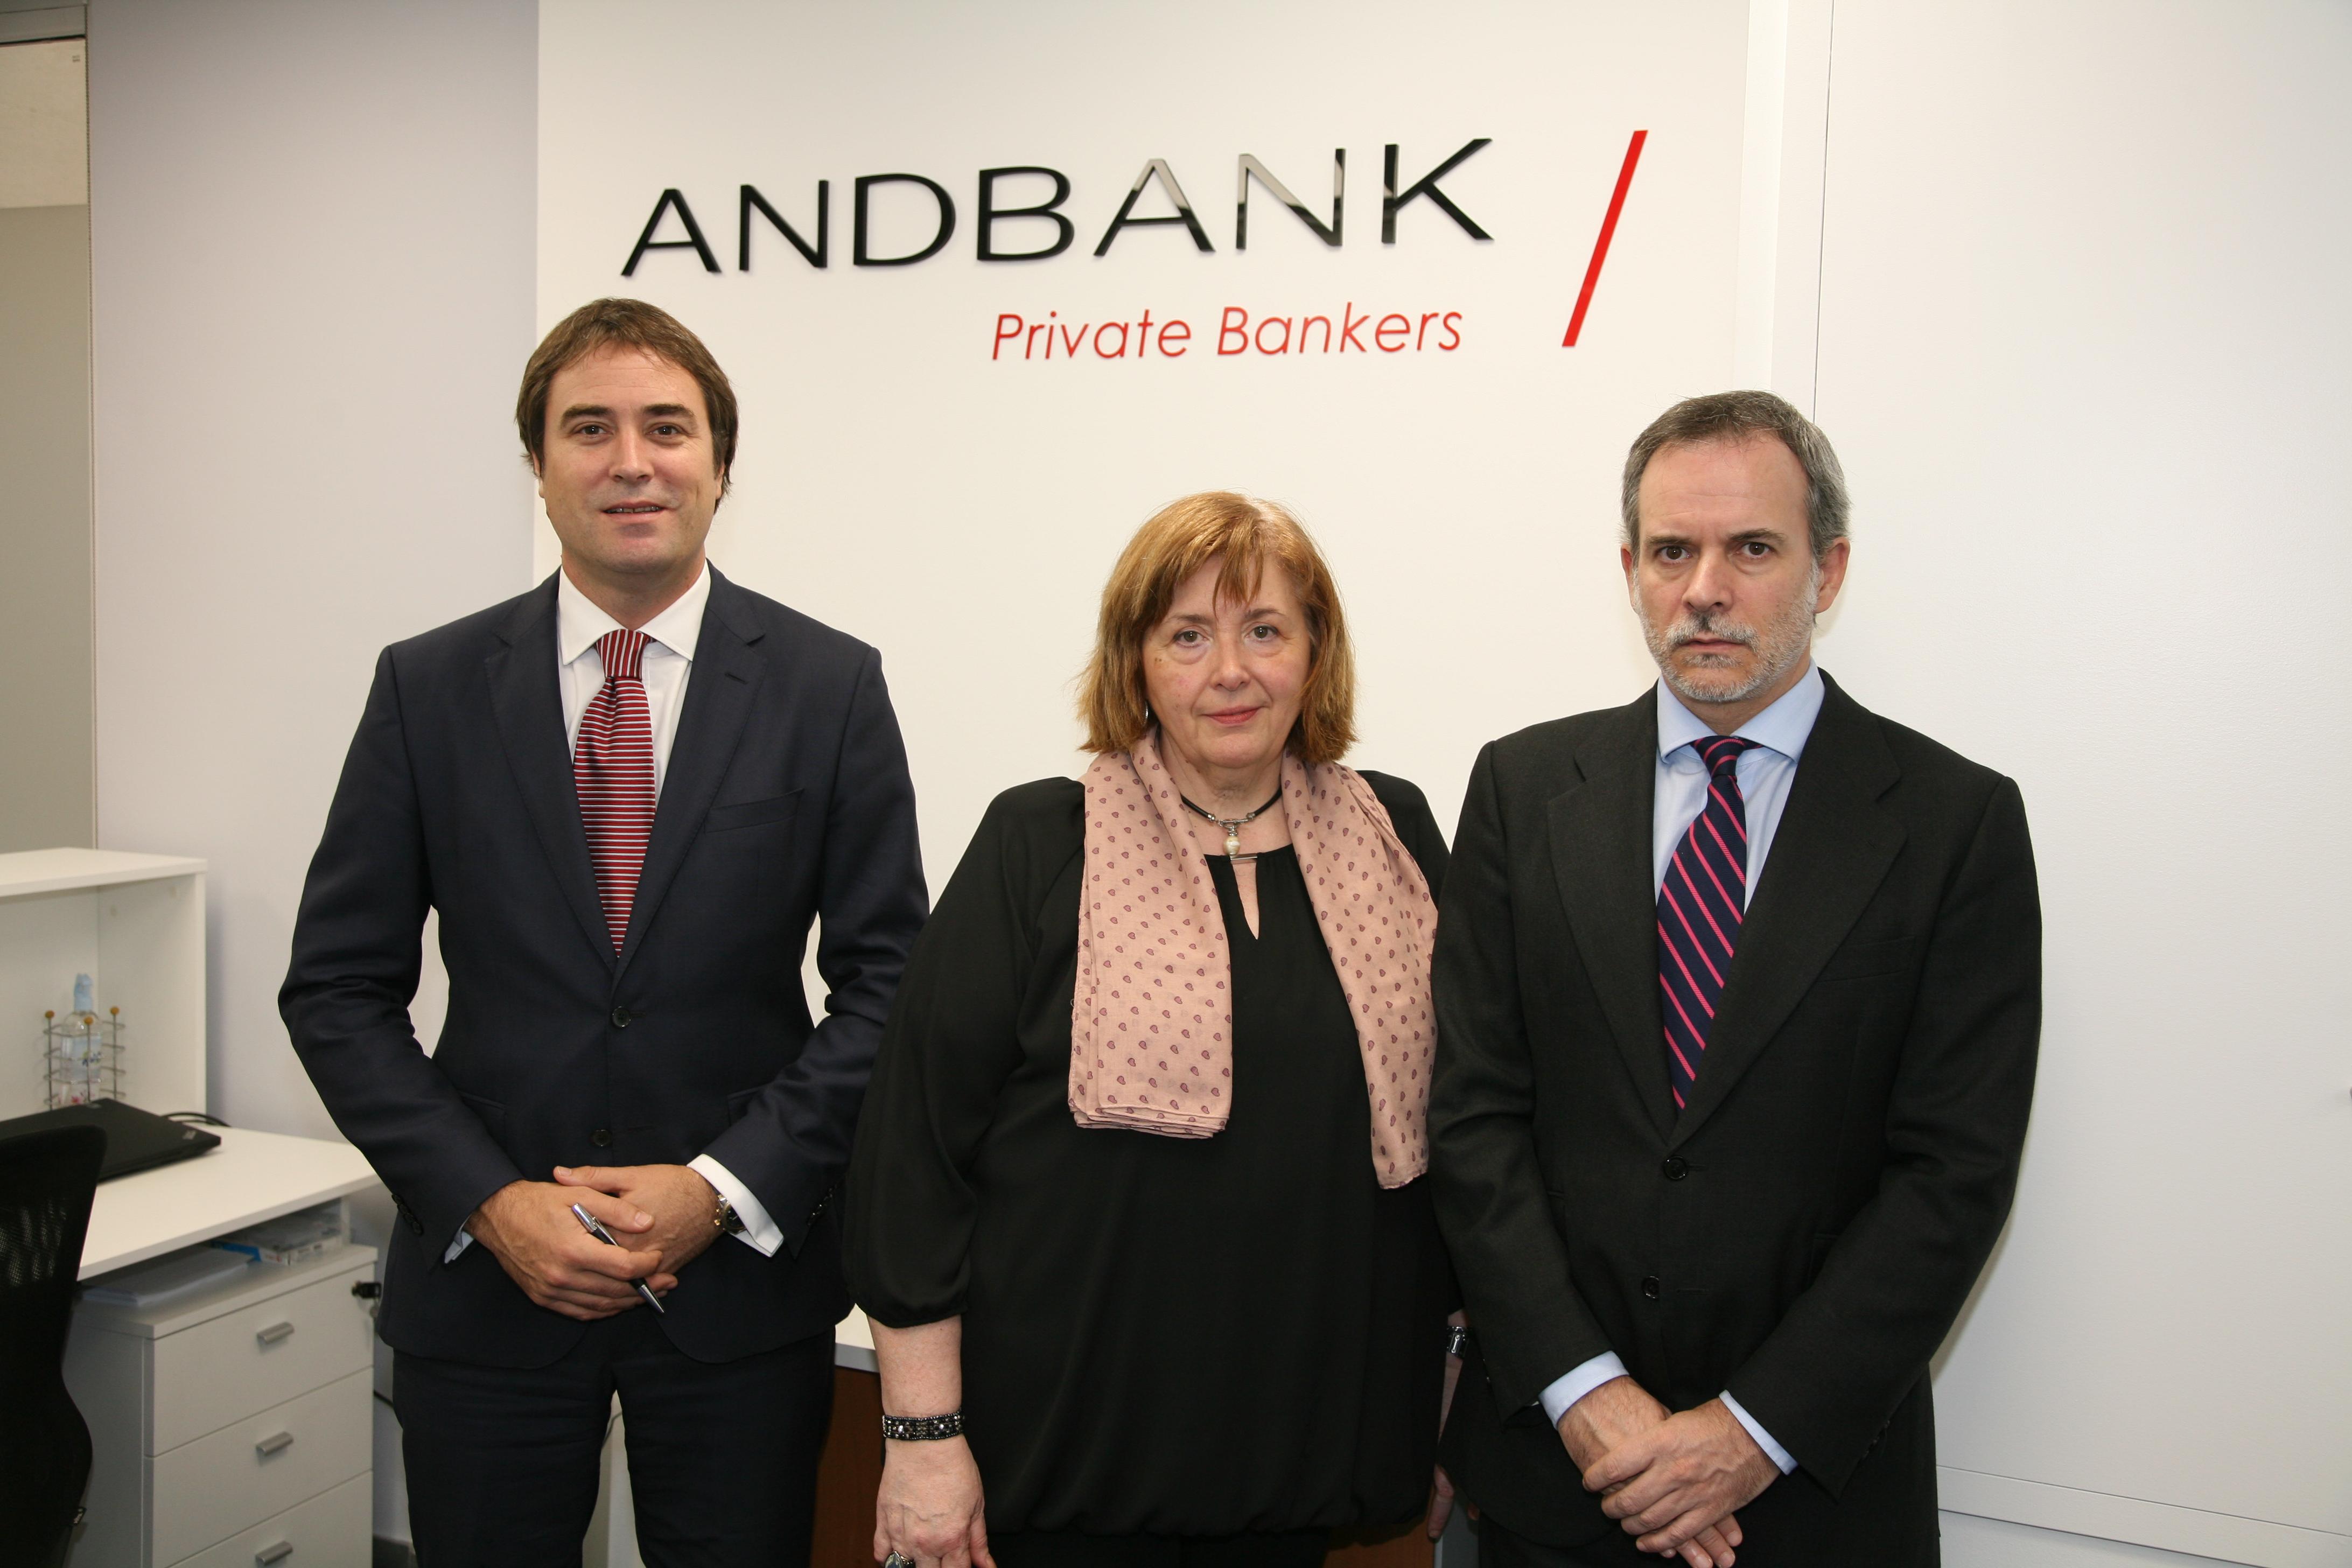 Andbank inaugura un centro de banca privada para agentes financieros en Bilbao